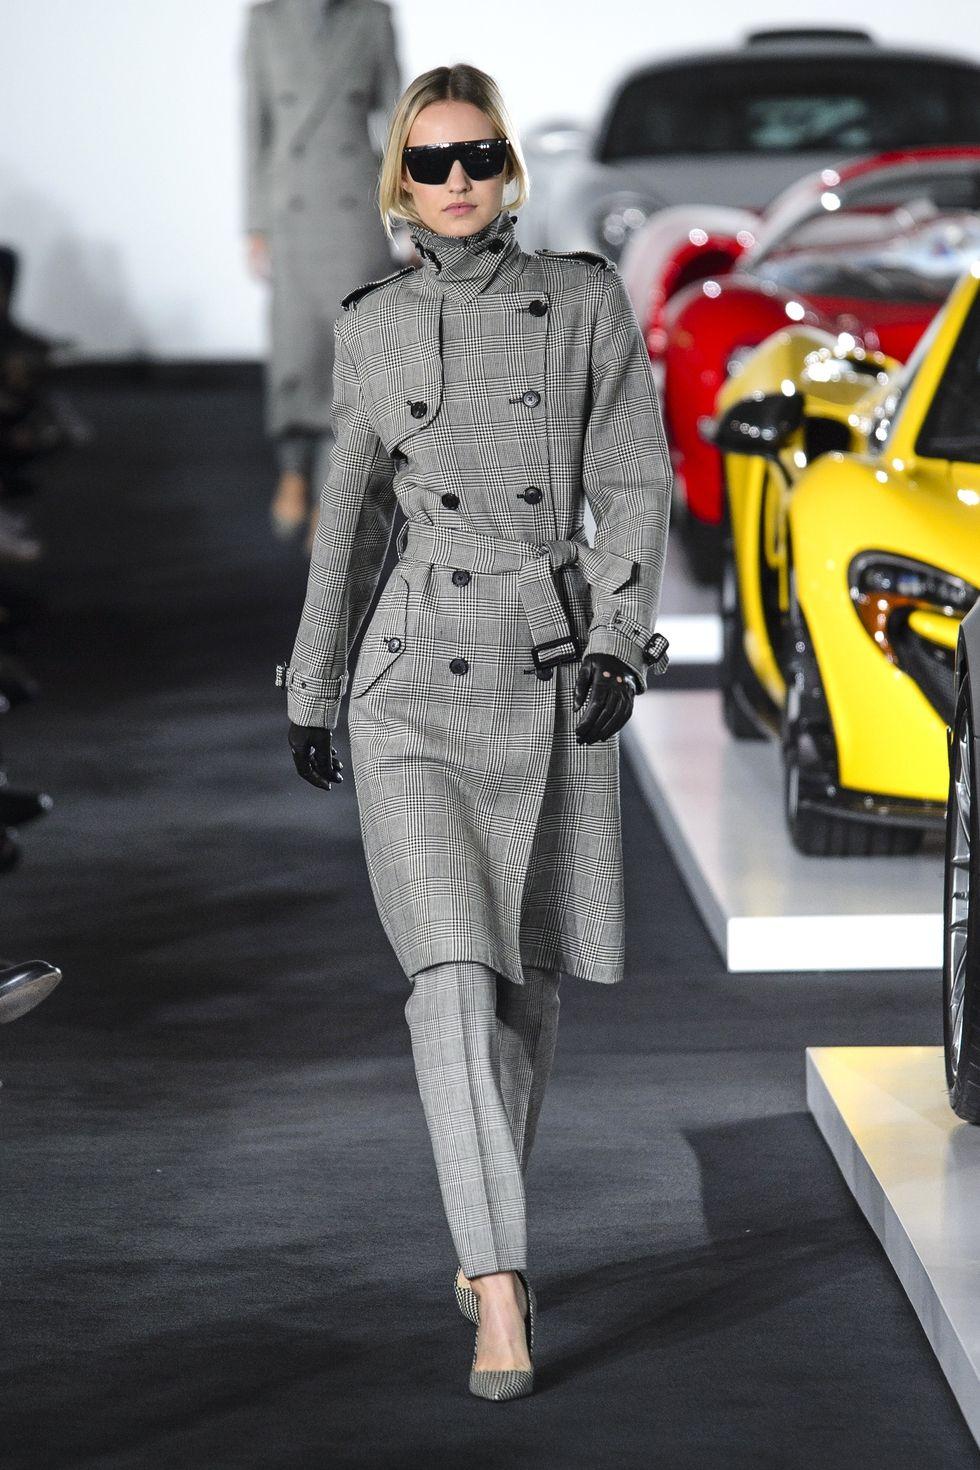 Модный клетчатый тренч из коллекции Ralph Lauren весна-лето 2018